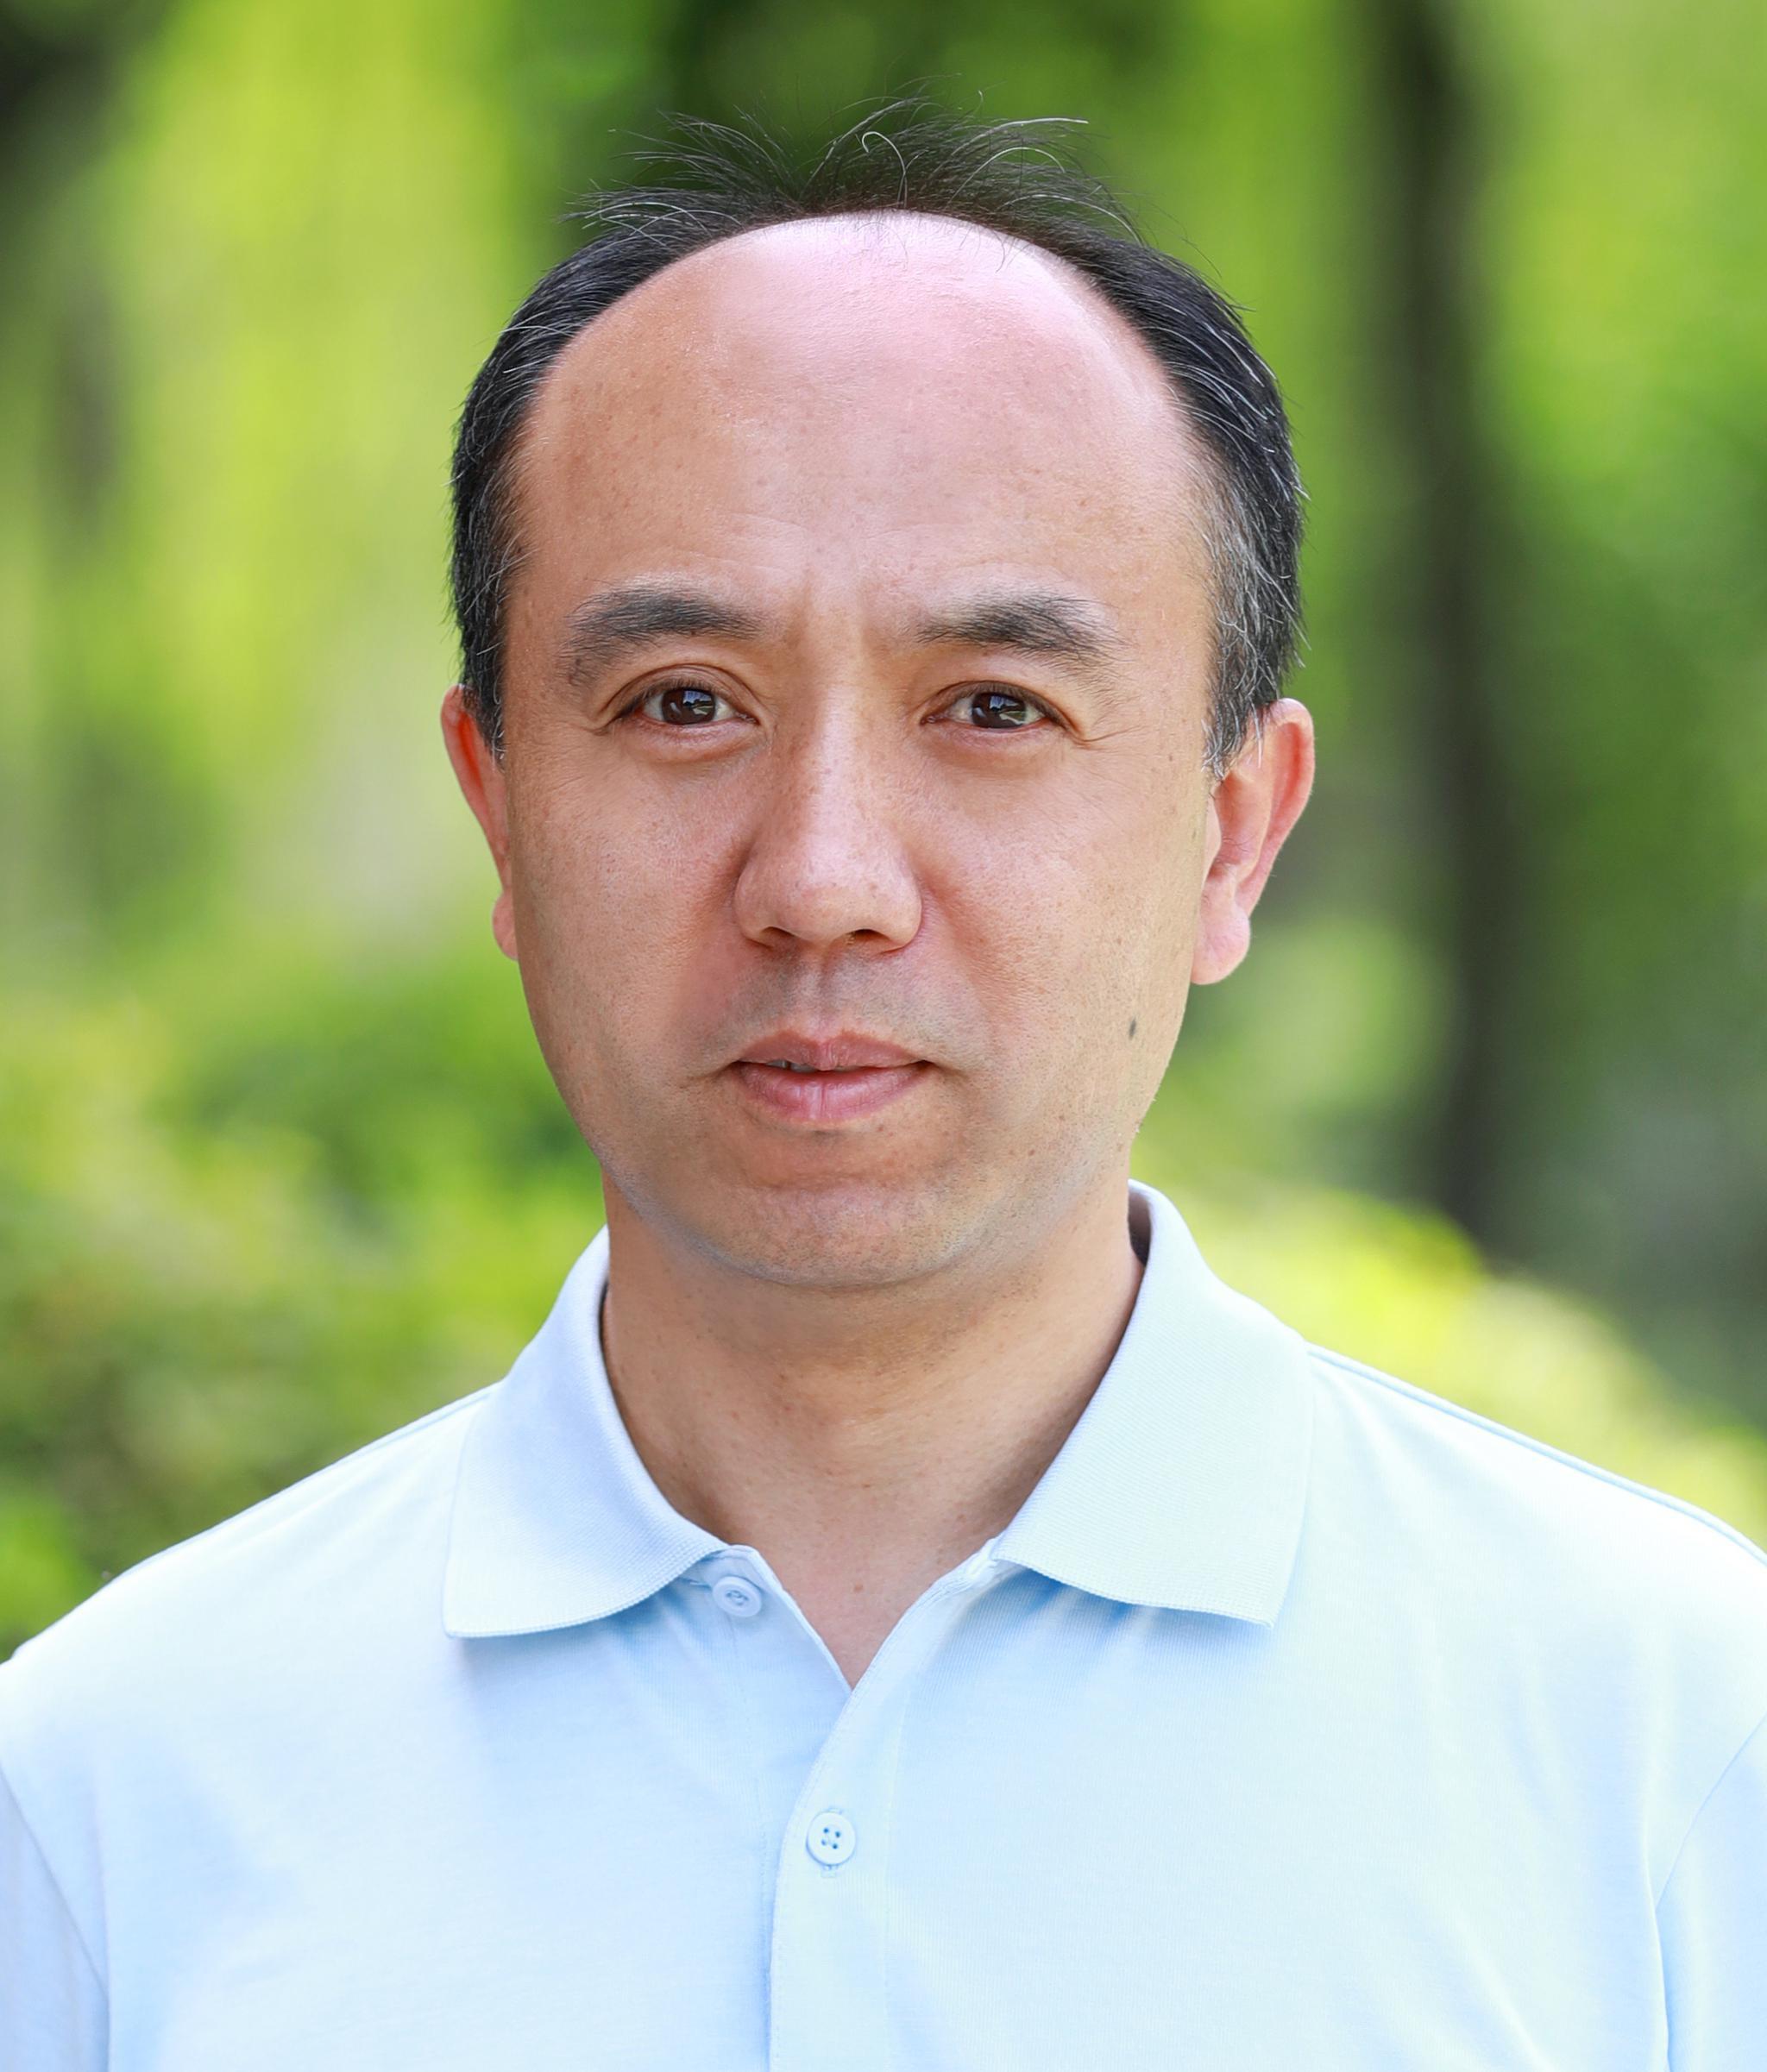 原子尺度上的追逐|专访王宏伟:如何抢占全球冷冻电镜先机